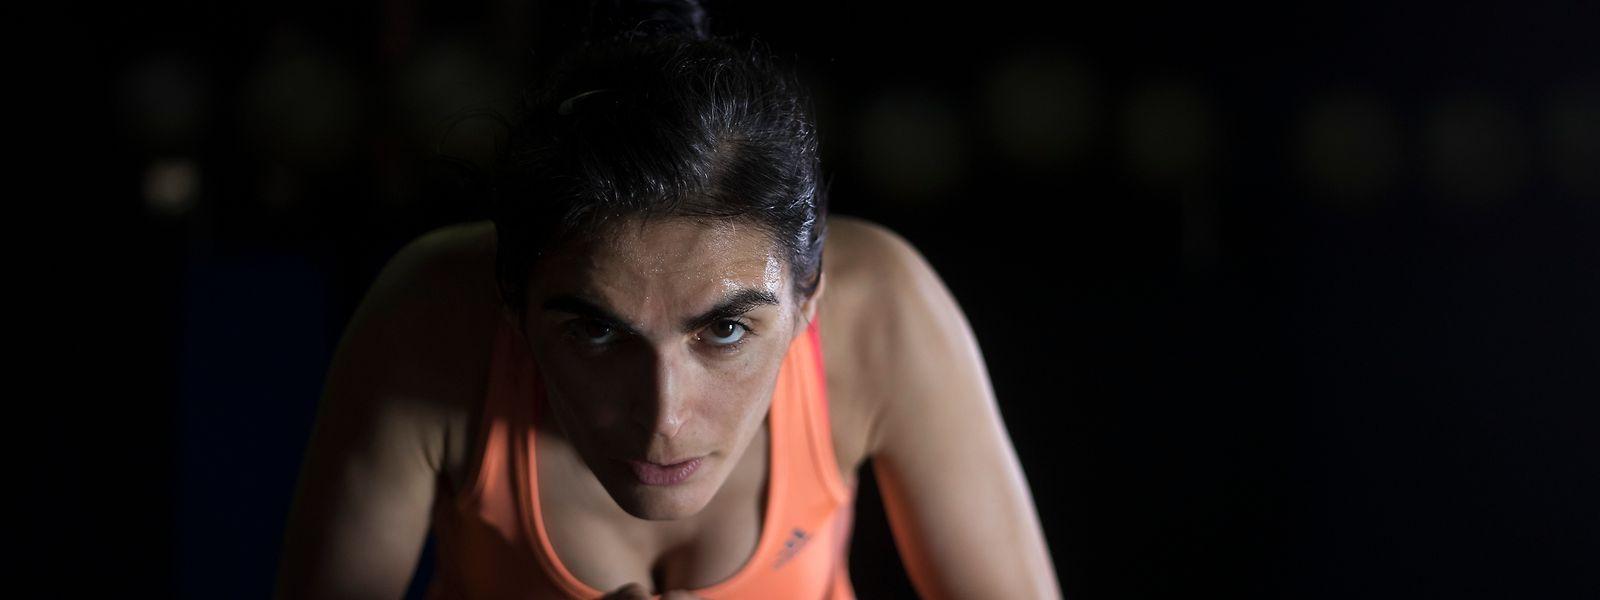 Tânia Morais treina no duro para manter a forma física ao mais alto nível